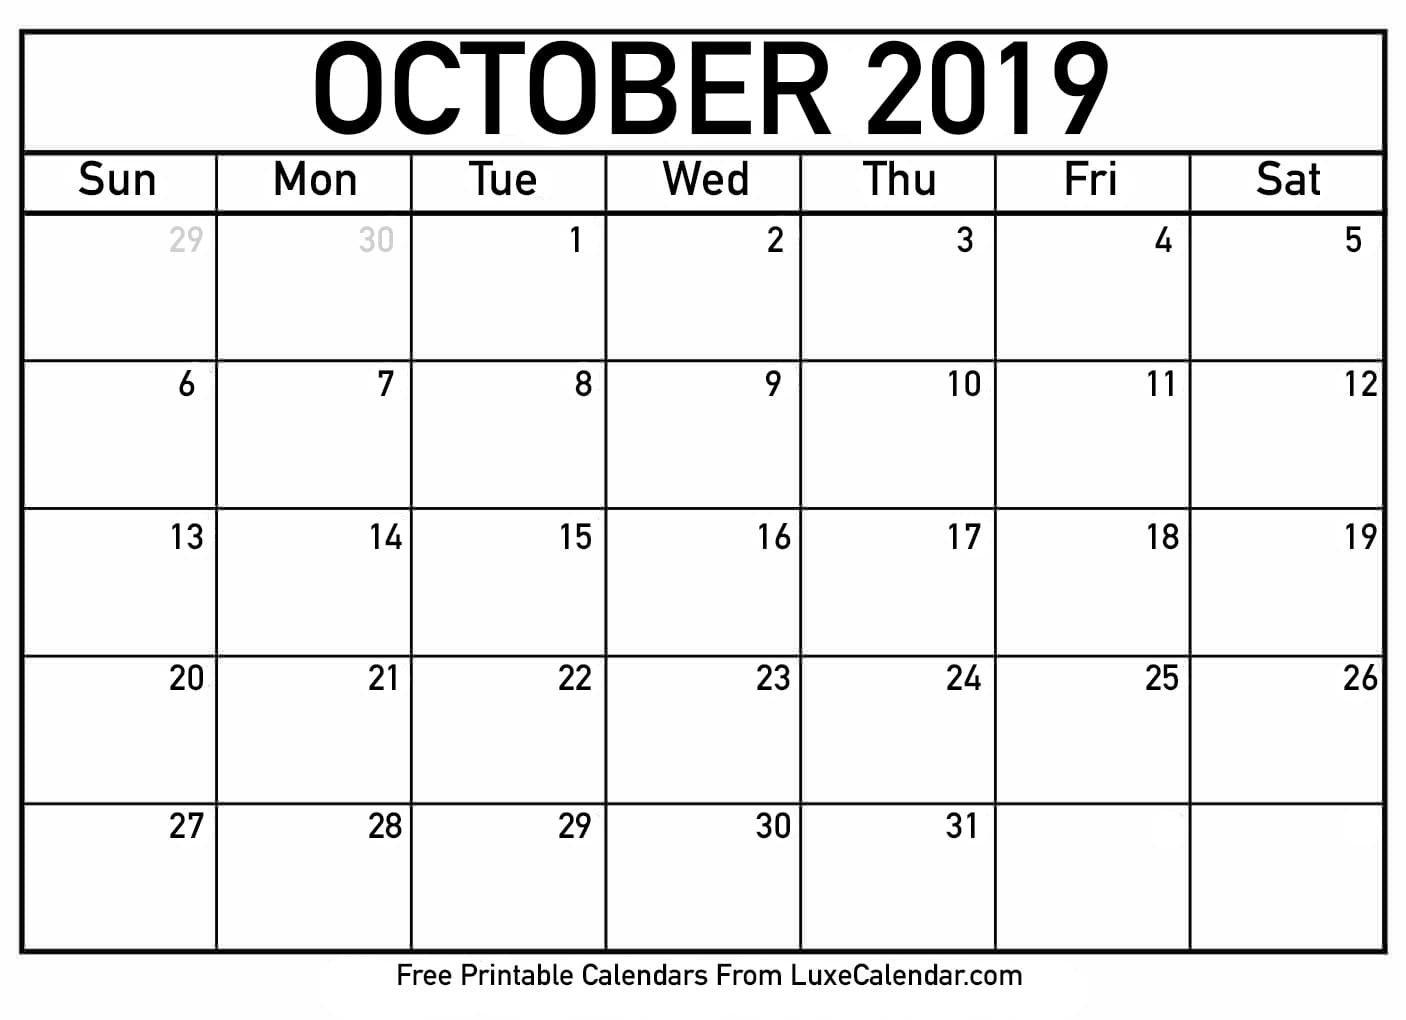 Blank October 2019 Printable Calendar – Luxe Calendar Calendar 2019 Oct